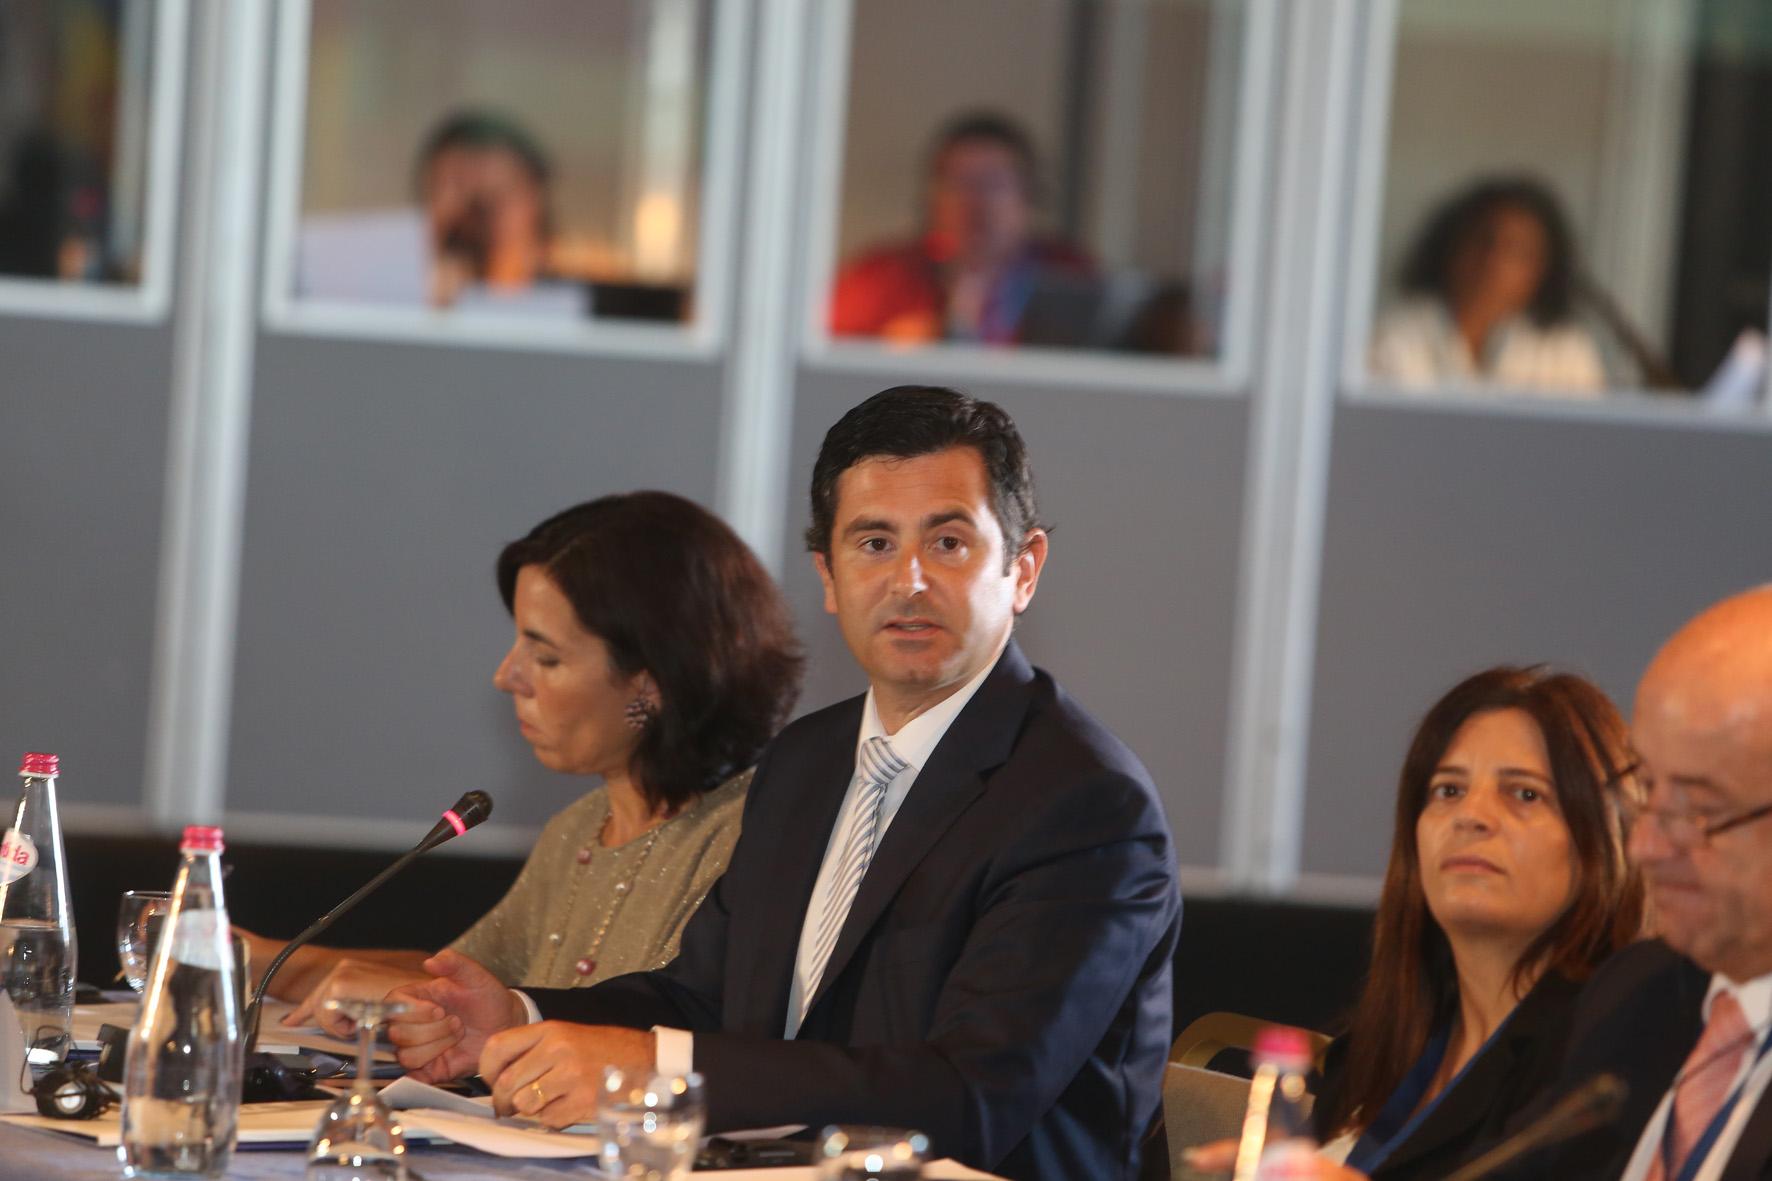 Governo dos Açores convida Regiões Ultraperiféricas a associarem-se ao Azores International Research Center